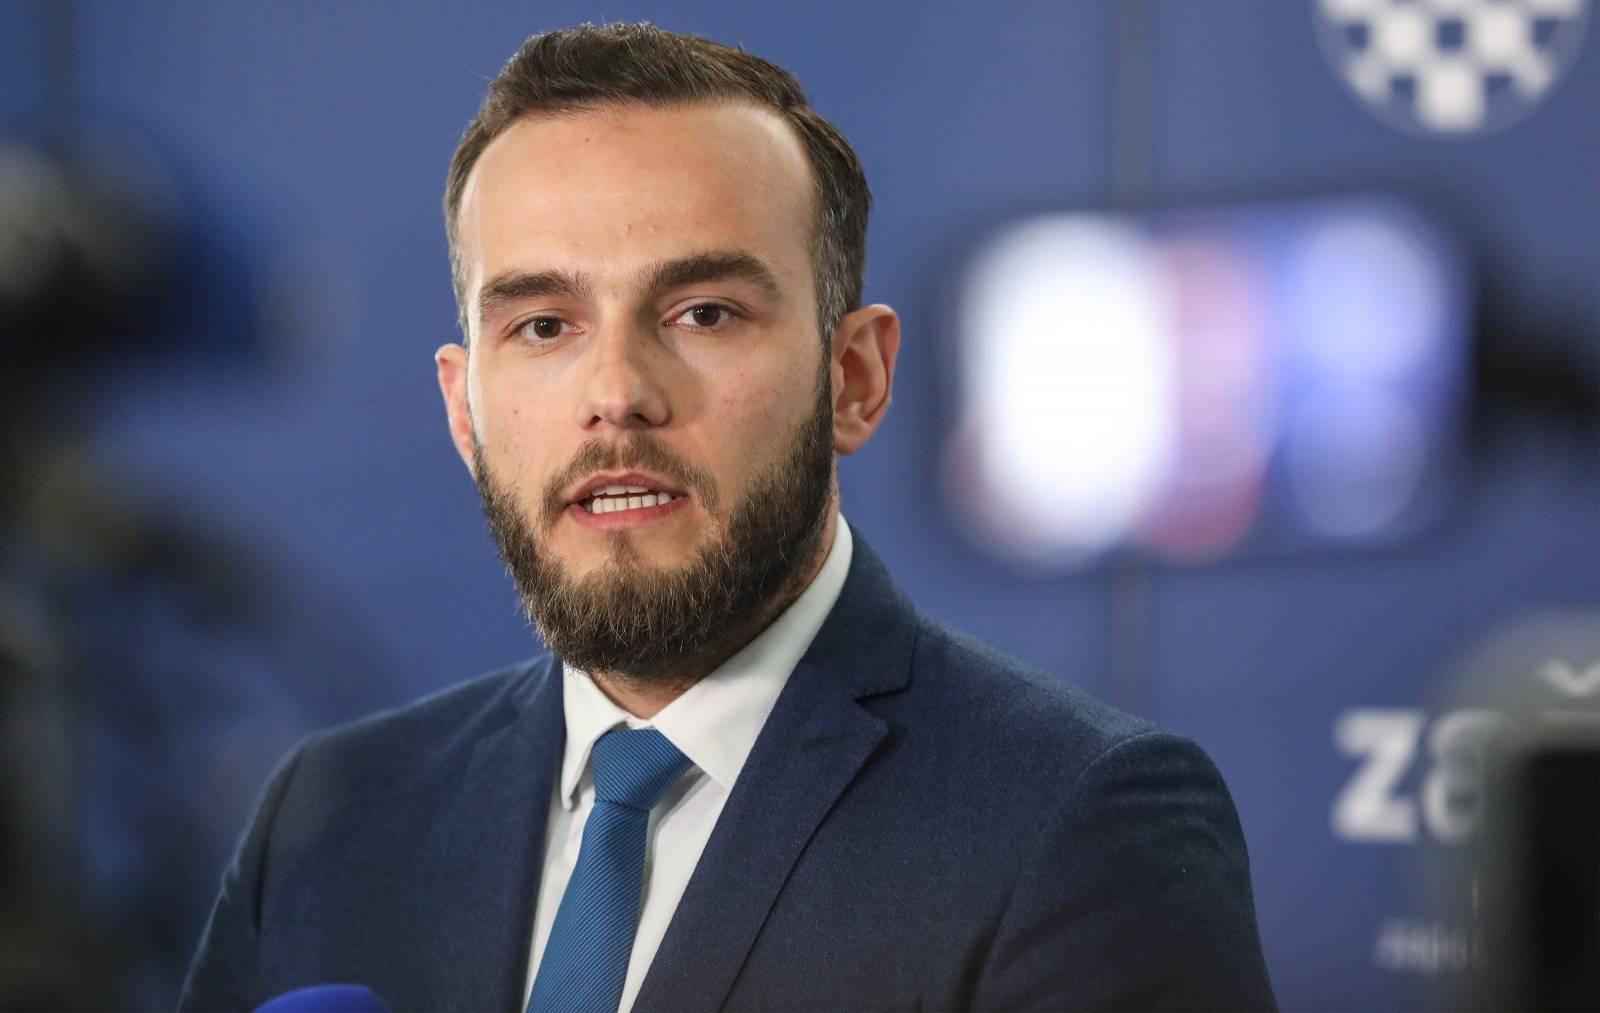 Zagreb: Ministar Aladrović uručio ugovore vrijedne 25.77 milijuna kuna